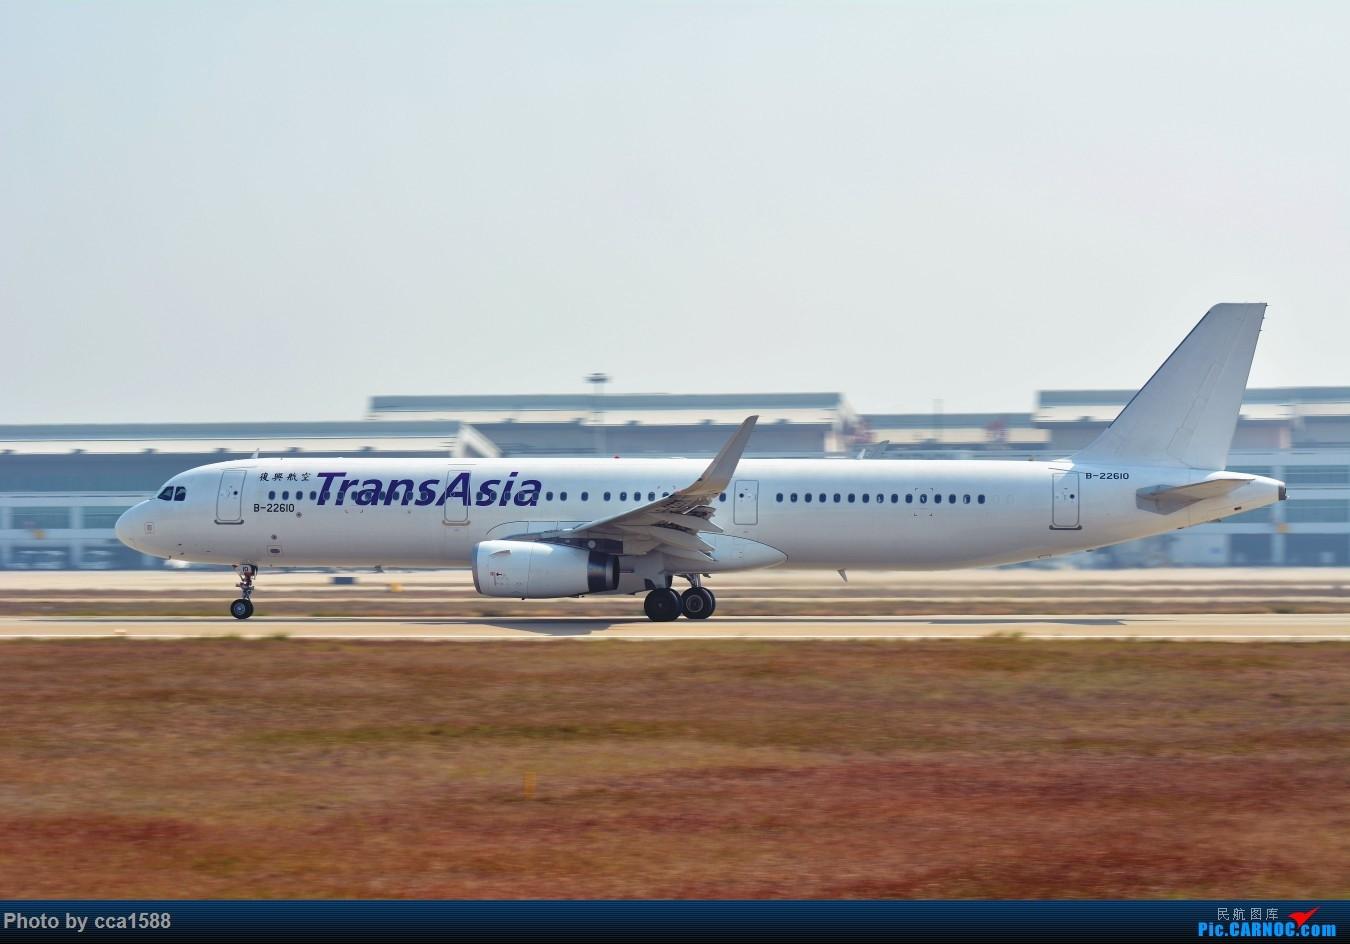 Re:[原创]【福州飞友会】新视角就有不一样的感觉~(动感非你莫属~) AIRBUS A321-200 B-22610 中国福州长乐国际机场